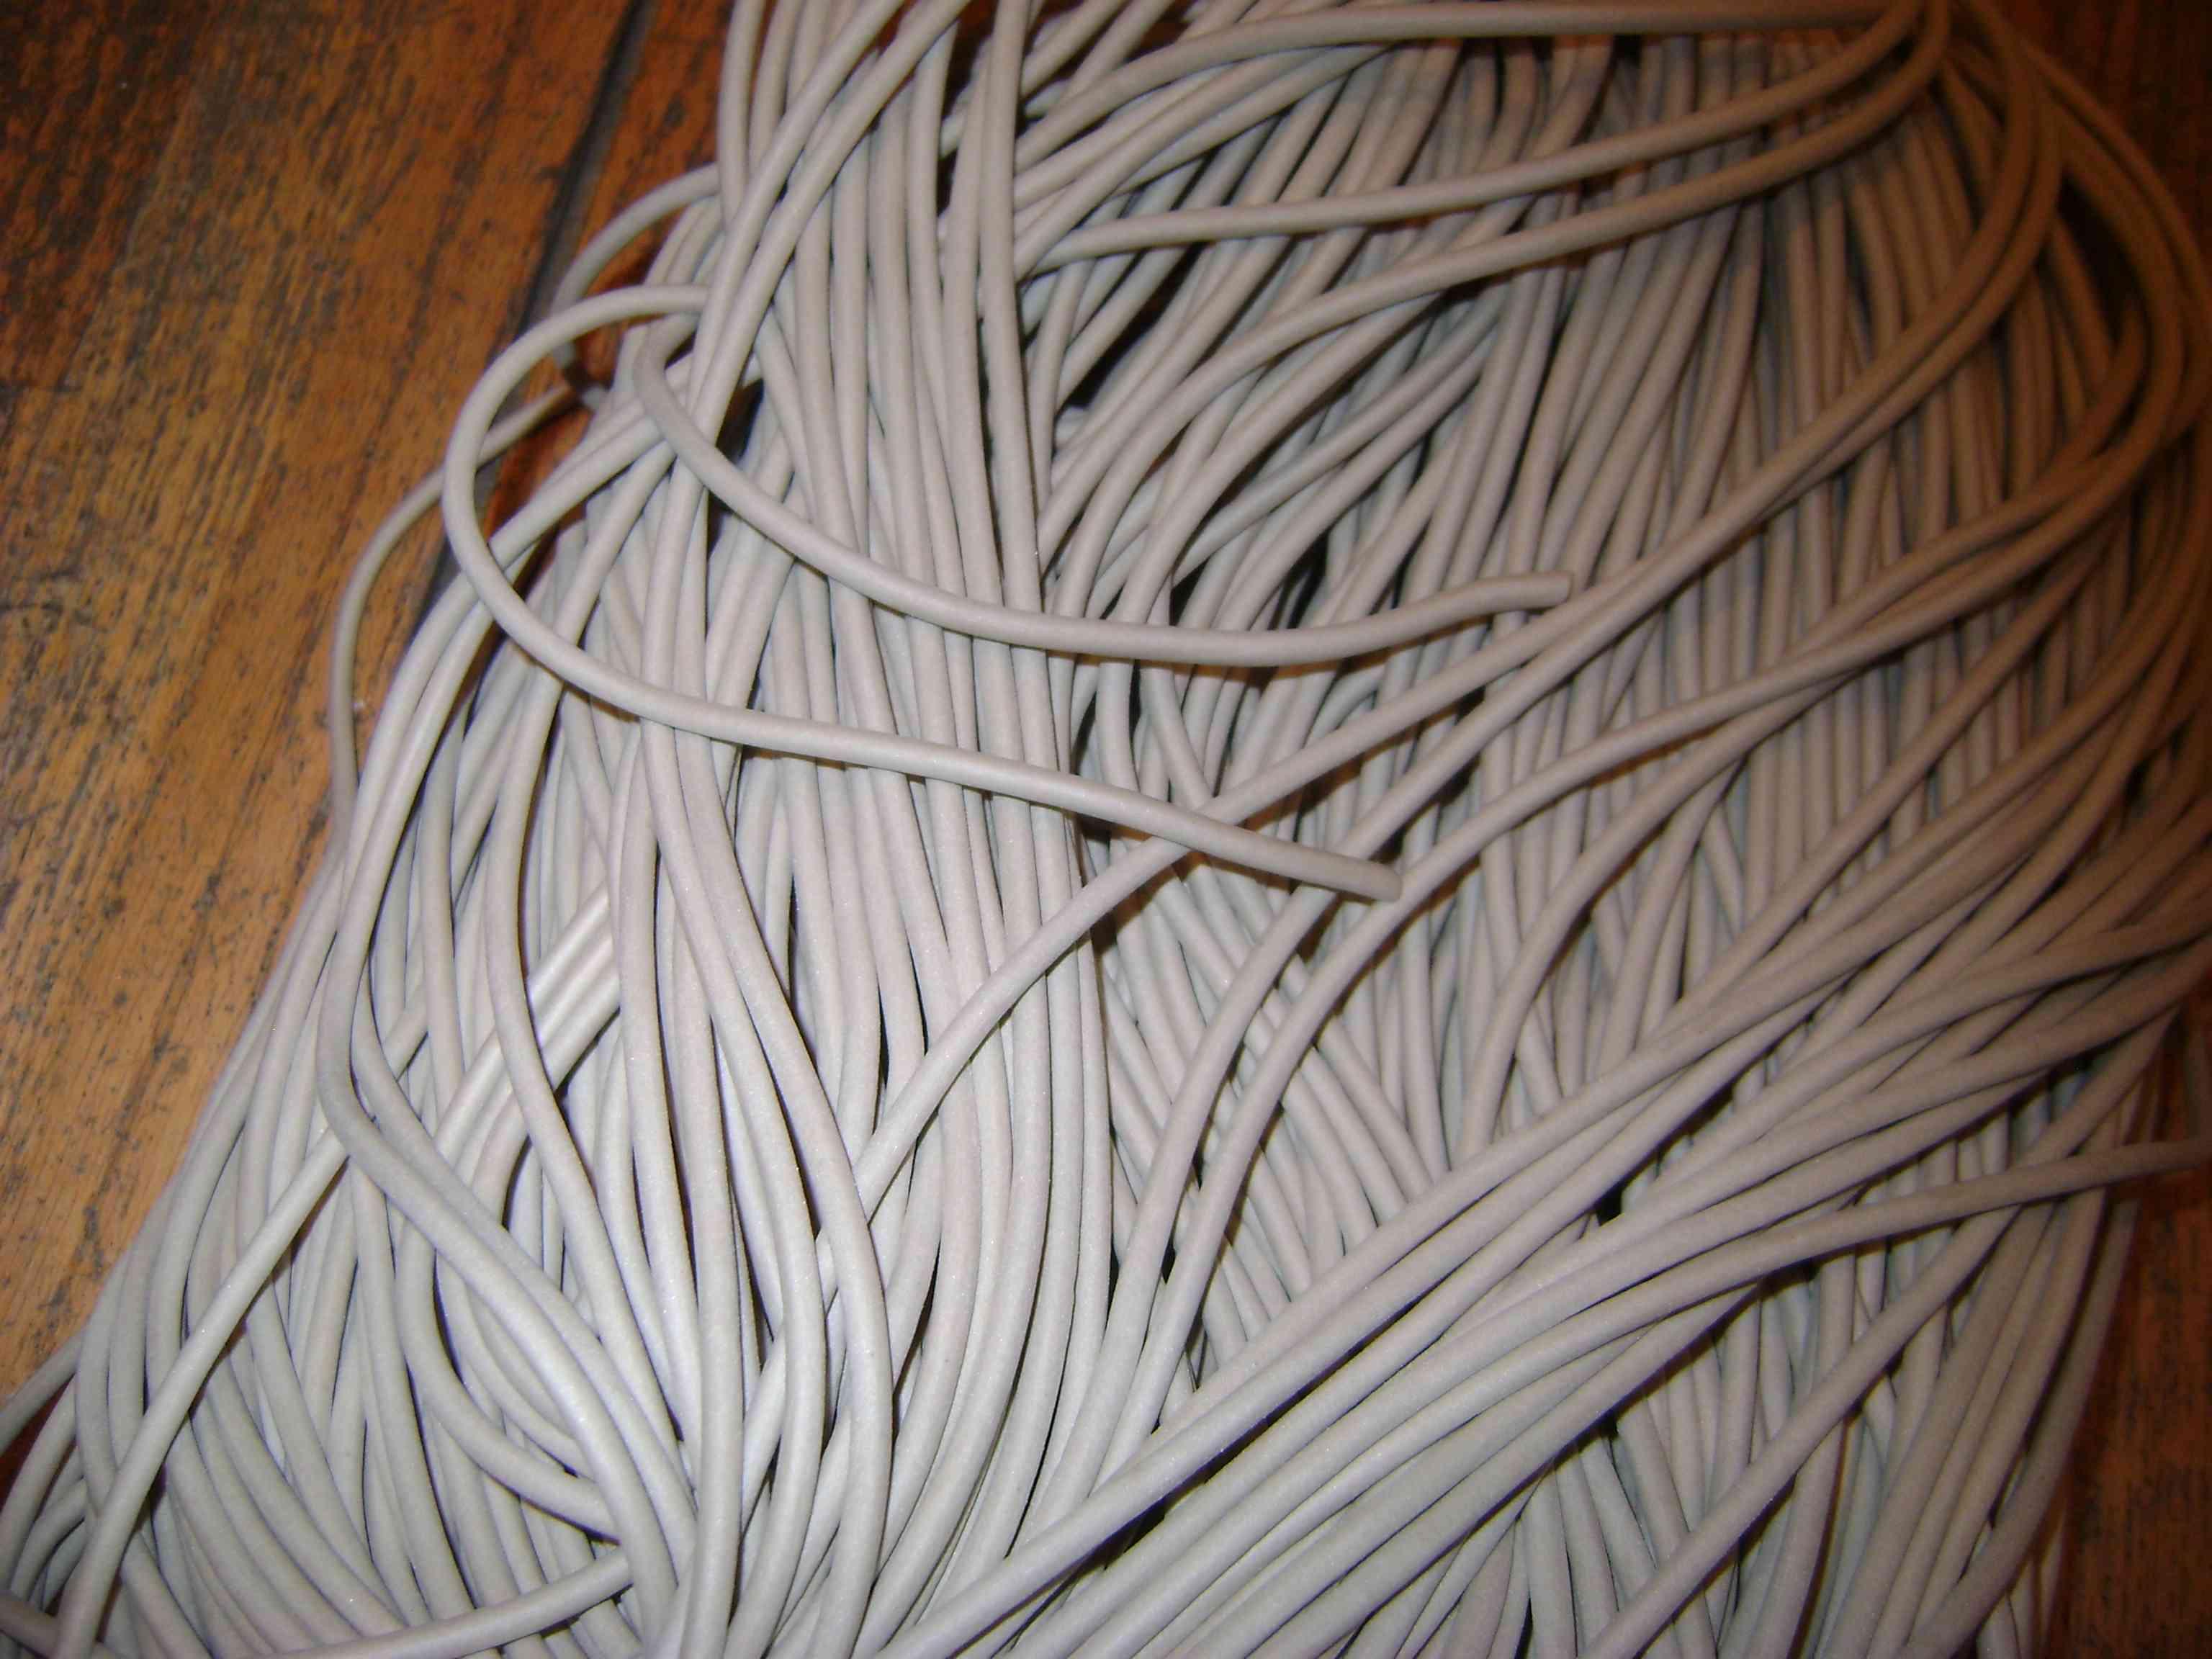 Трубка силиконовая р/с ИРП 1338 размер 3х1 мм белого цвета